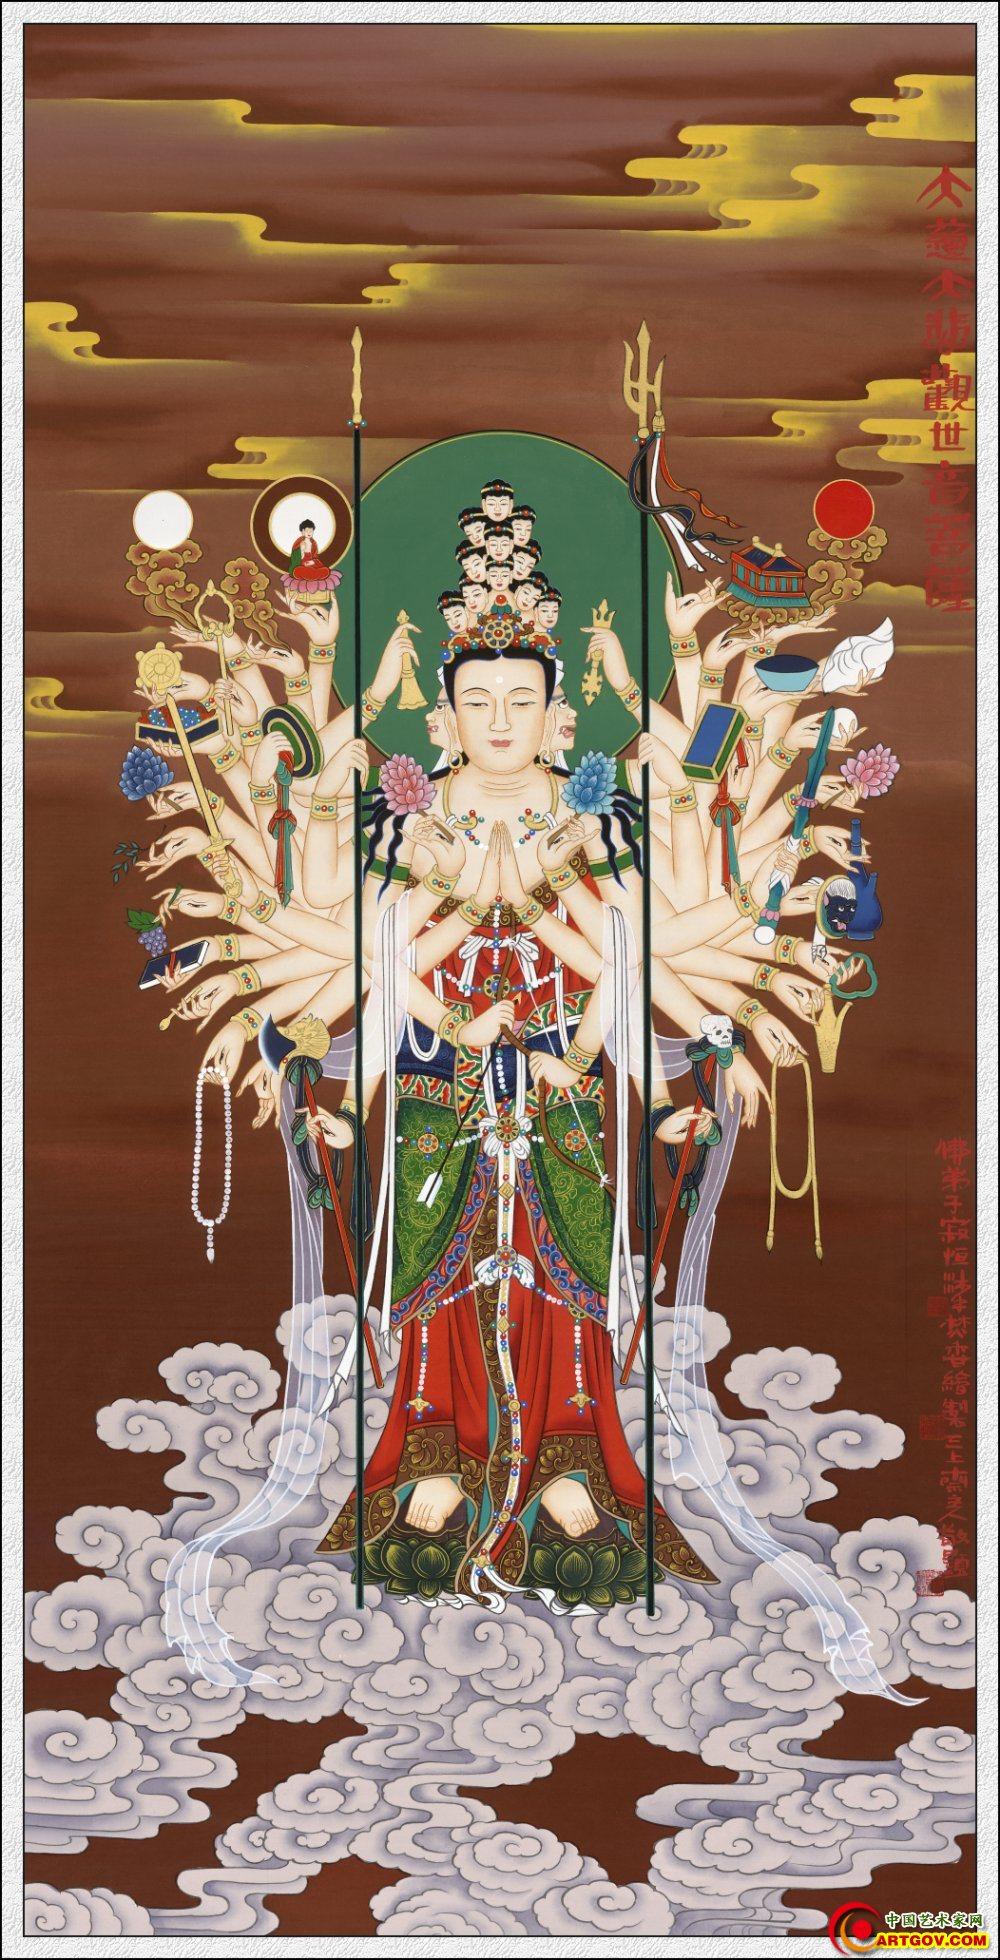 中国梦-民族文化弘扬时 测试9